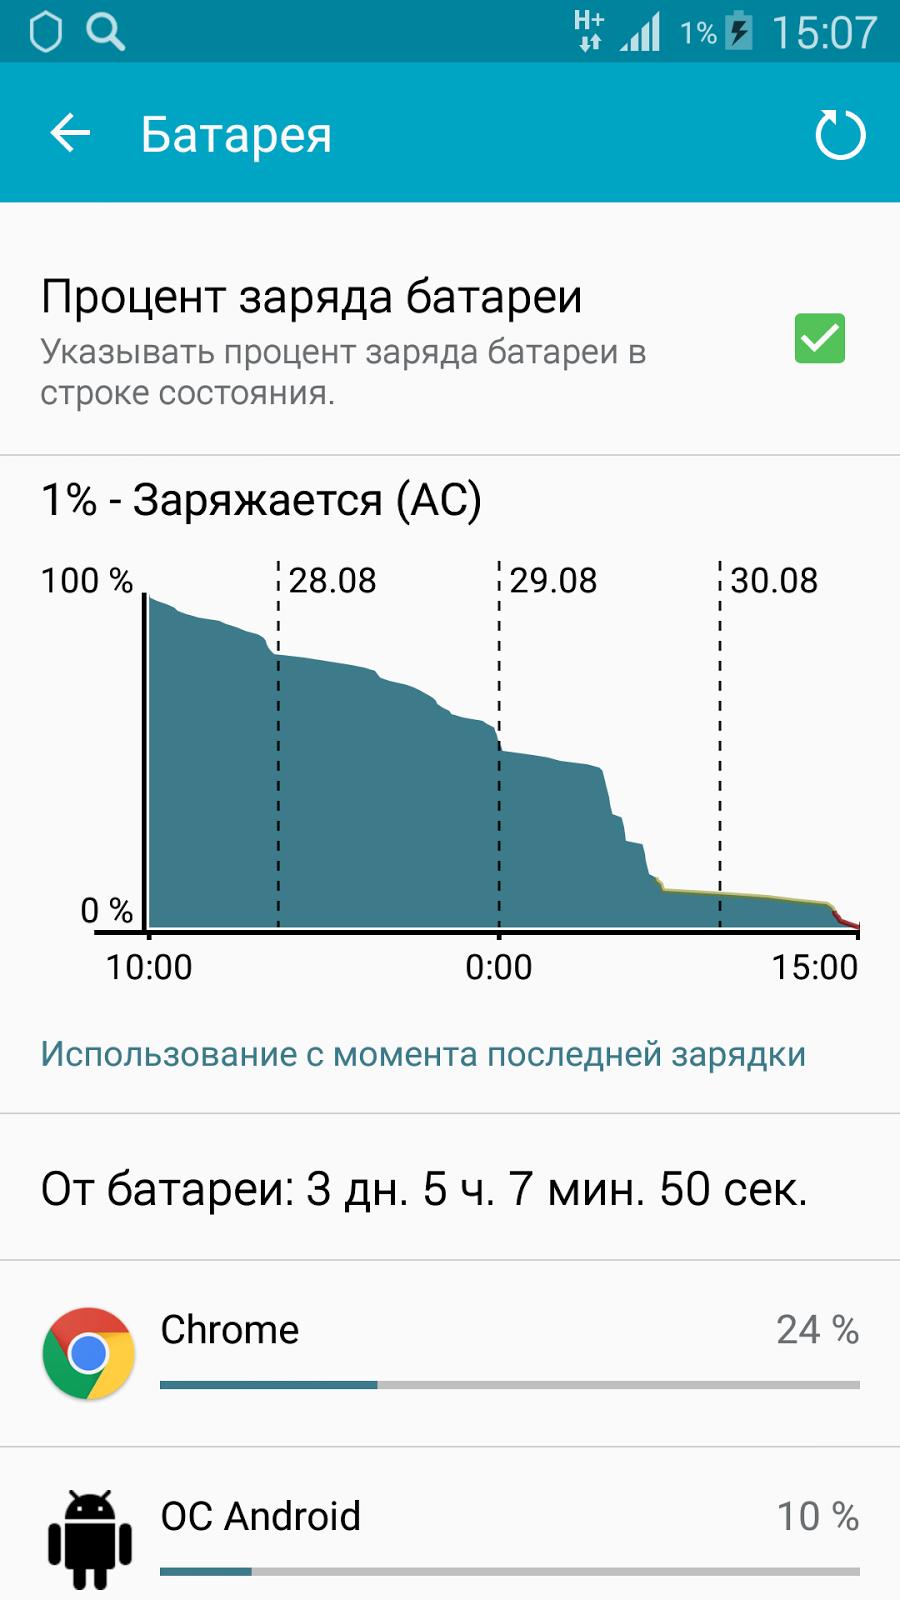 Обзор аккумулятора повышенной ёмкости для Samsung Galaxy S5 - 14